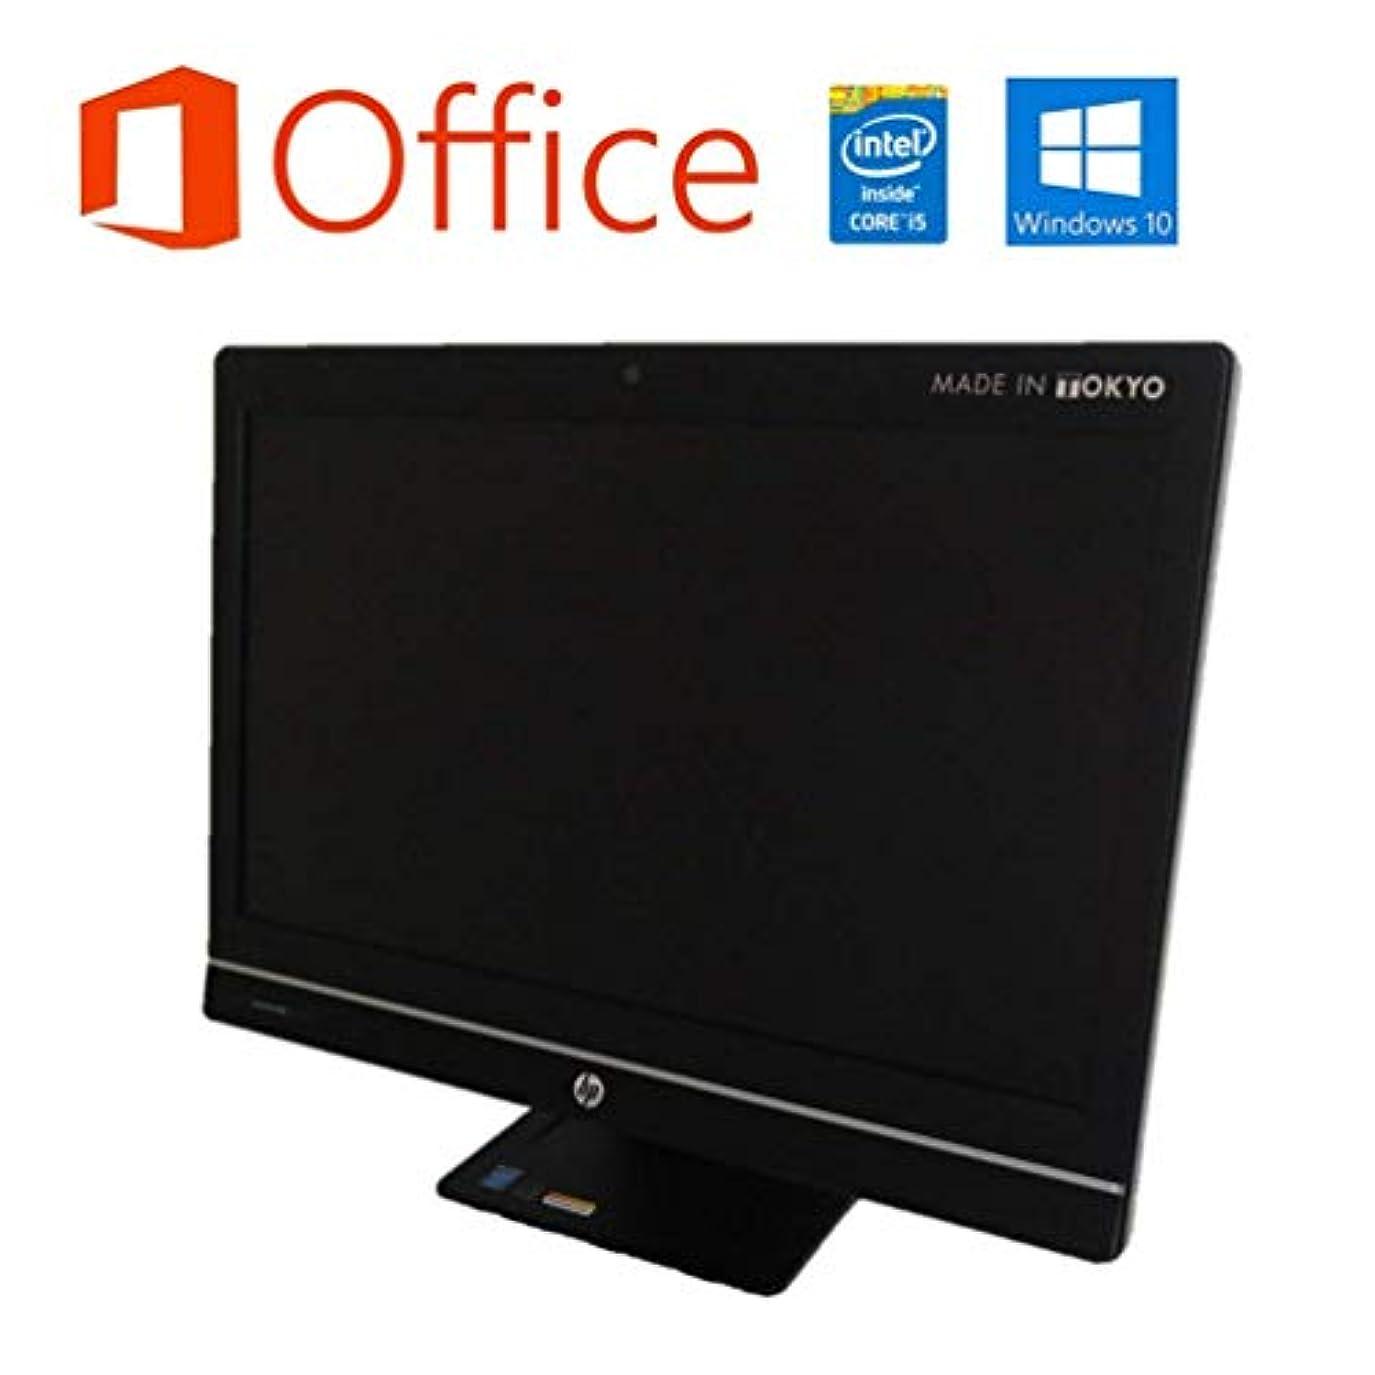 ソーセージ法王ミニチュア【Microsoft Office 2019搭載】【Windows10搭載】HP ProOne 600 G1 AIO/第四世代Core i5 4570S 2.9GHz/大容量メモリー16GB/新品SSD120GB+中古HDD500GB/DVDスーパーマルチ/無線LAN/21.5インチ液晶/中古液晶一体型パソコン(メモリー16GB:新品SSD120GB+中古HDD500GB)